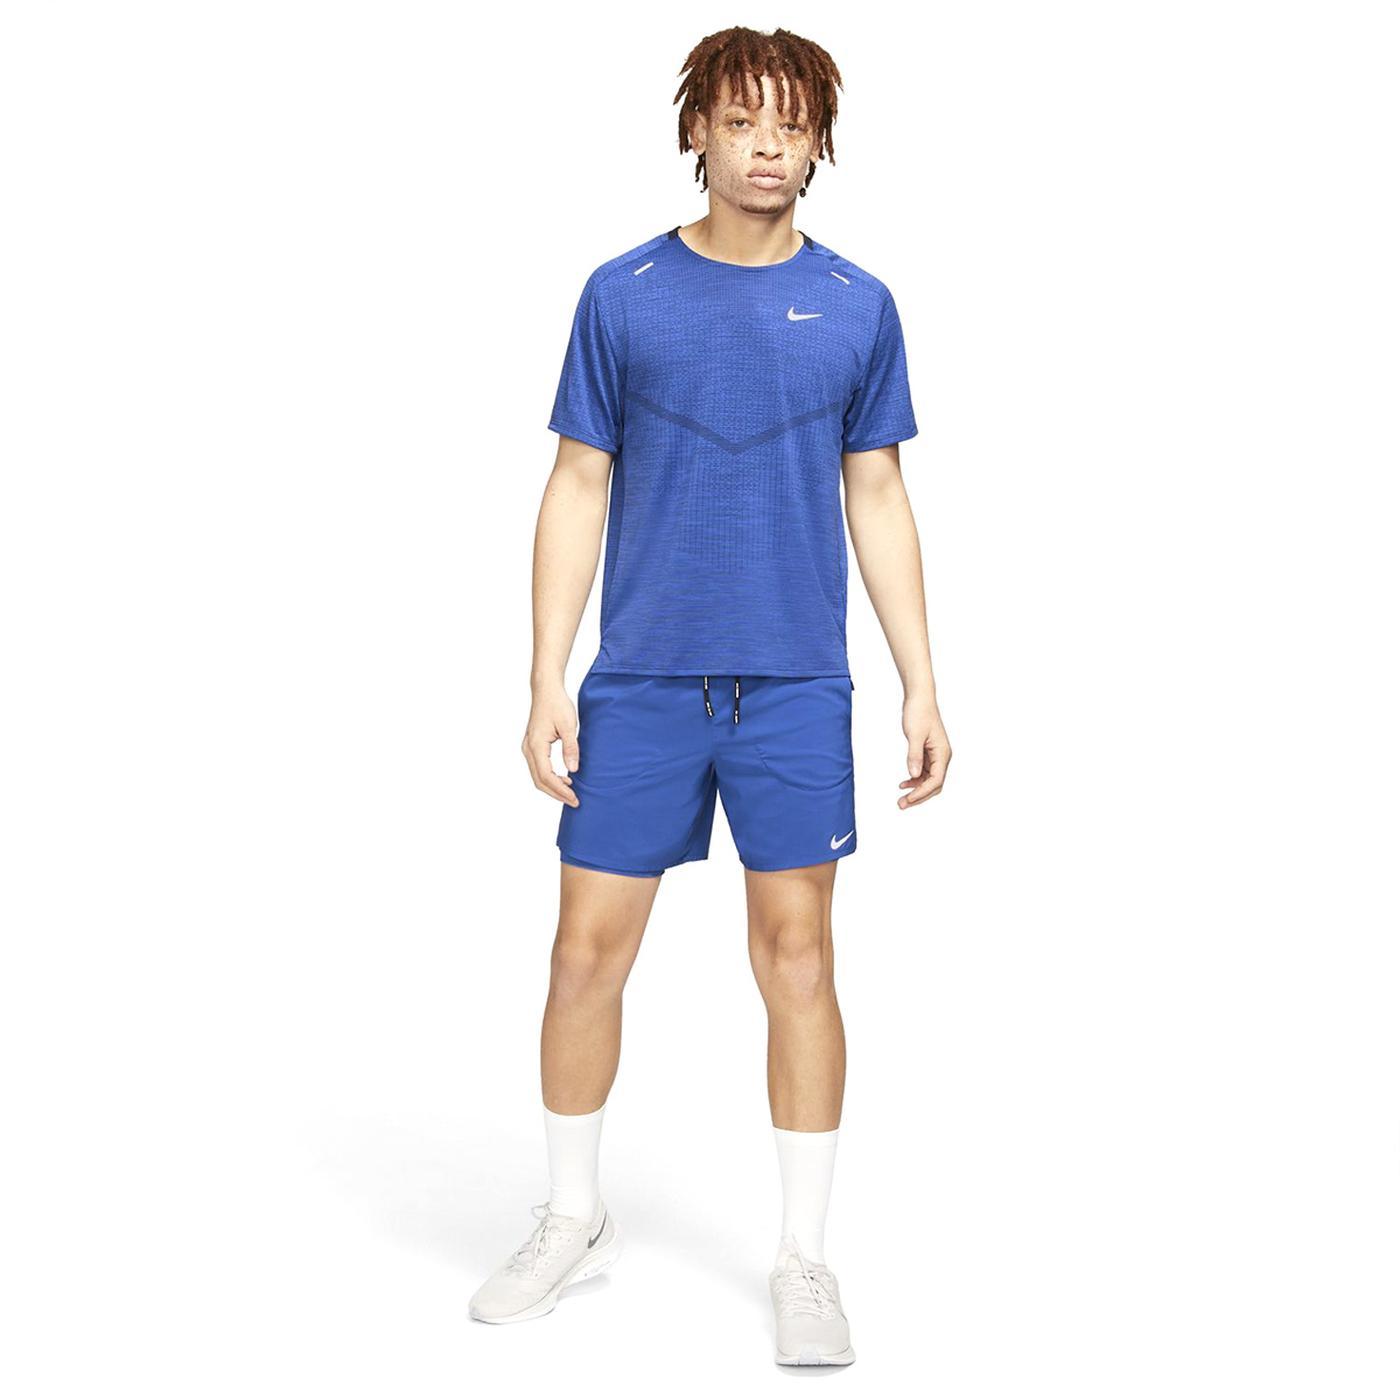 Flex Stride 2 in 1 Erkek Mavi Koşu Şortu (CJ5471-480)